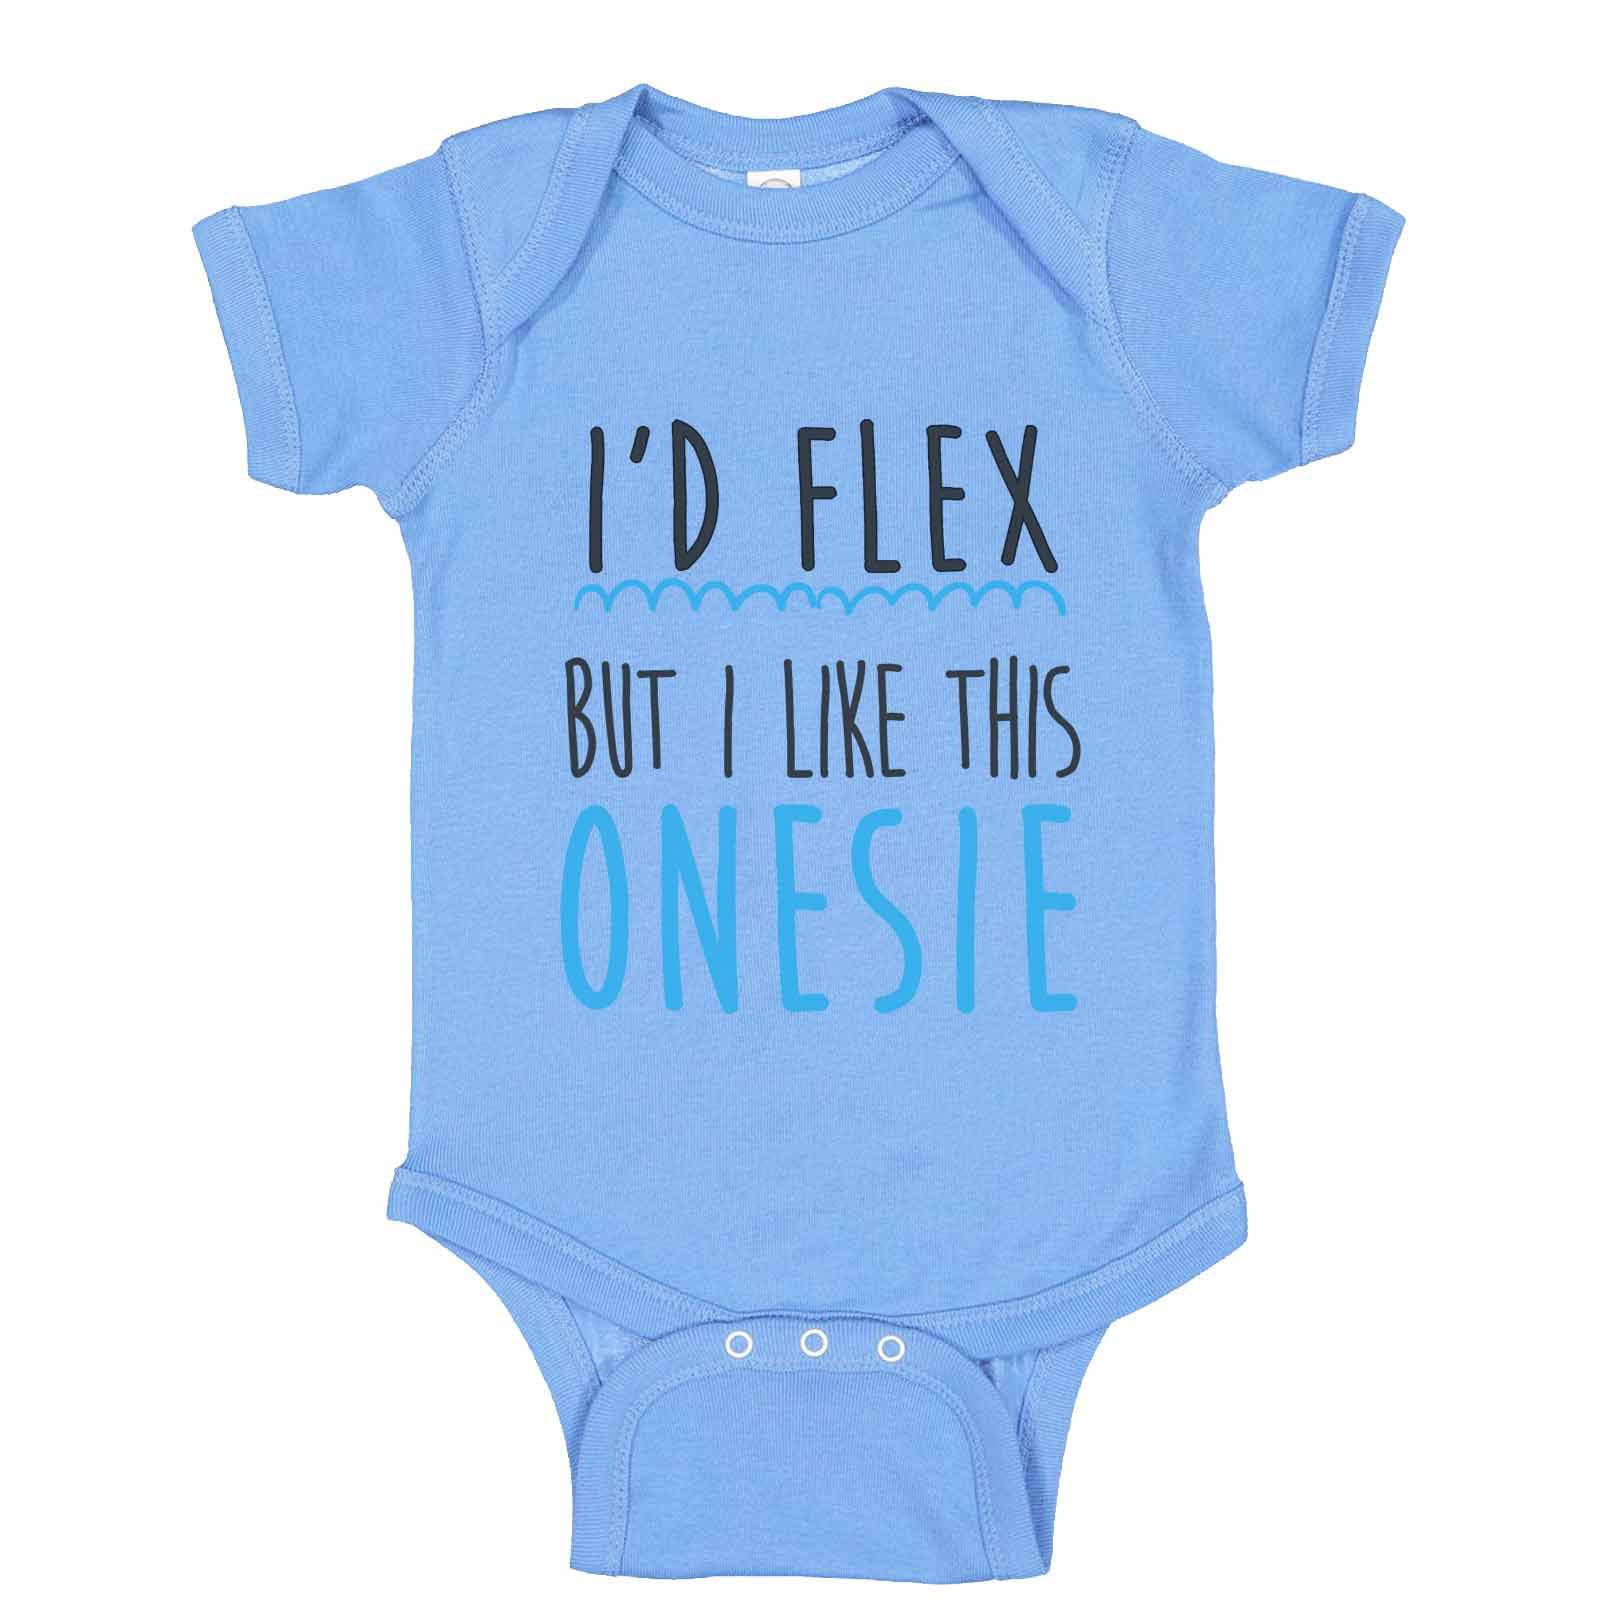 I/'d Flex But I Like This Shirt Baby Bodysuit Boys Girls Baby Shower Gift Bodysuit or Toddler Shirt